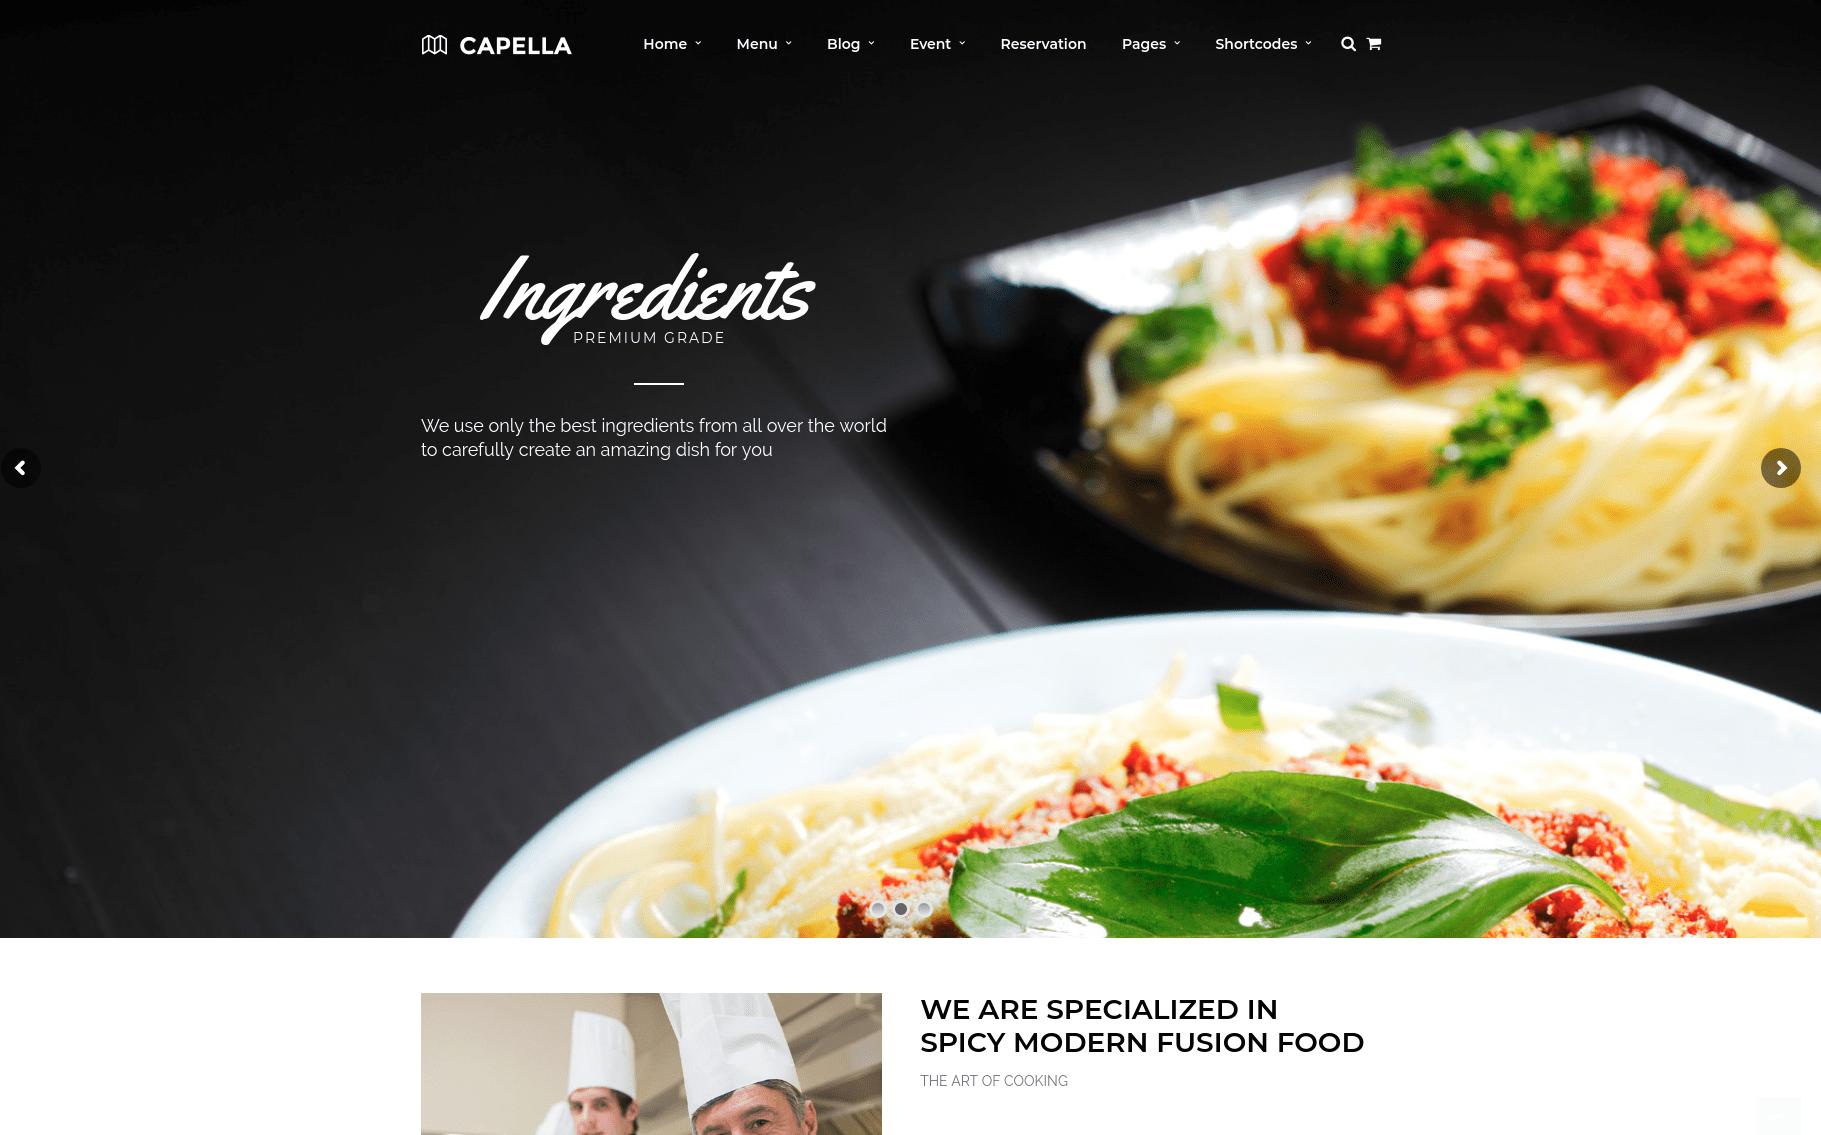 kapella- ingrediants